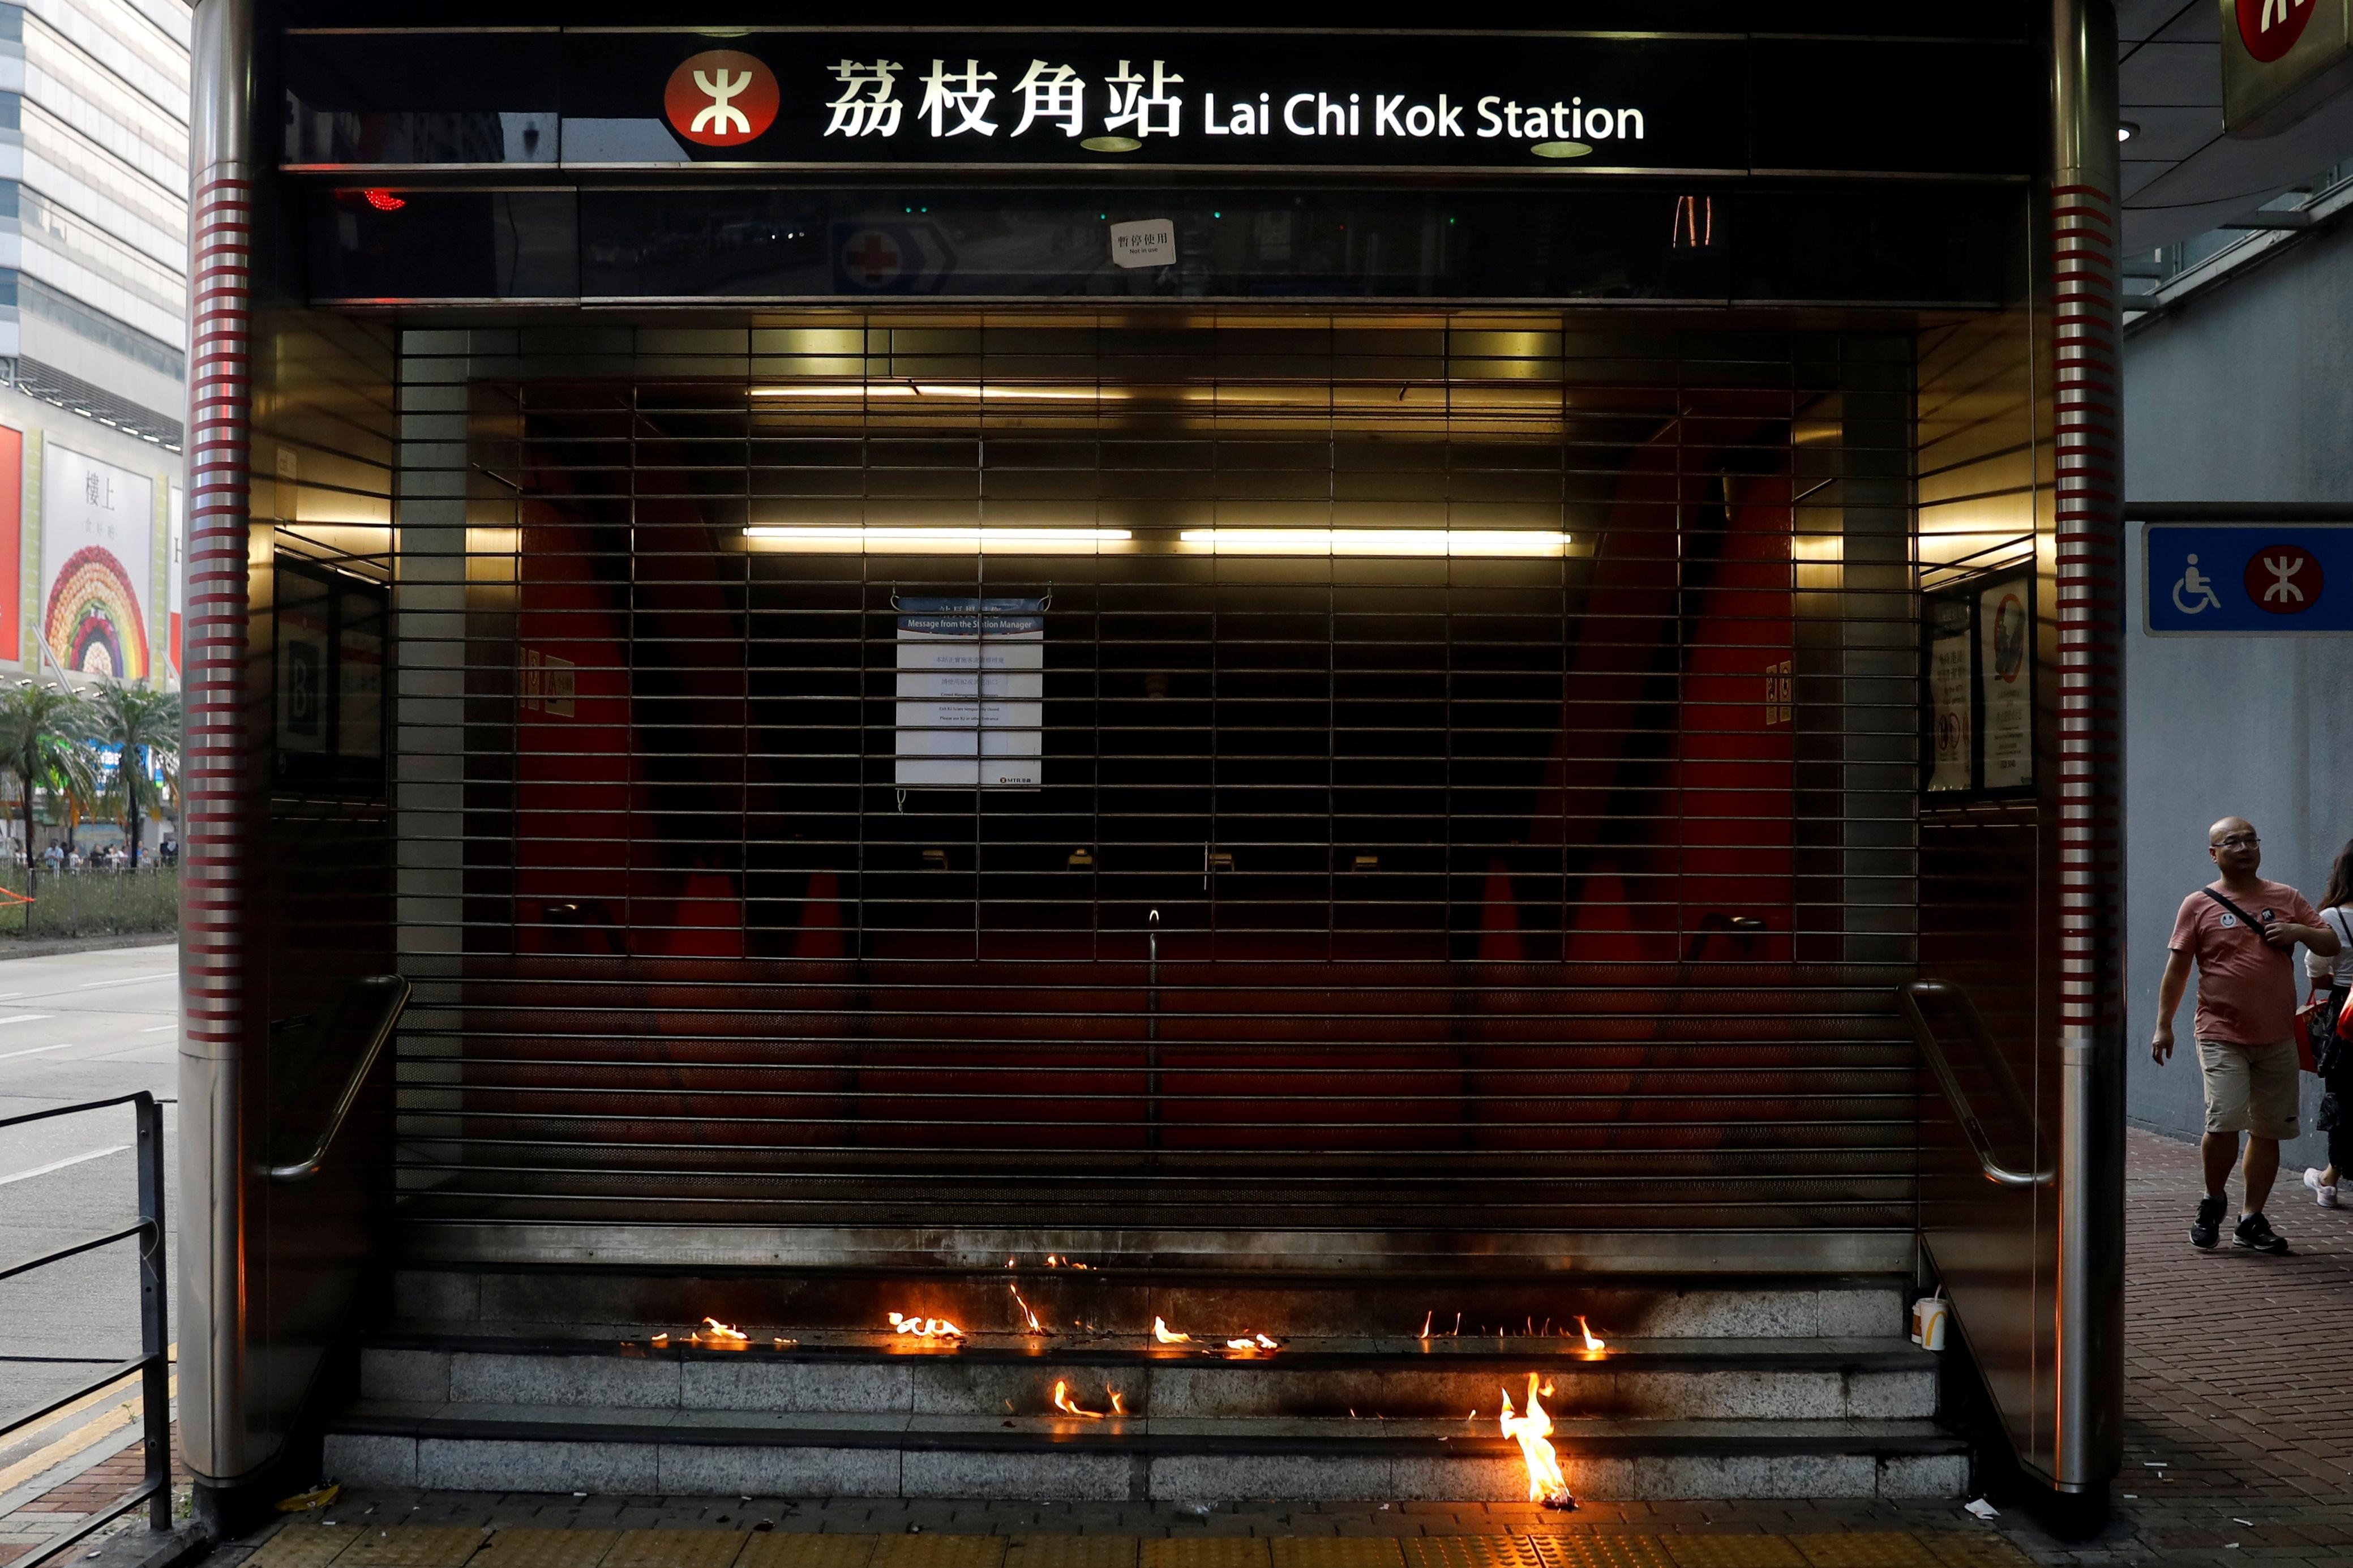 Des bombes d'essence lancées dans le métro de Hong Kong, les manifestants défient l'interdiction de masque facial